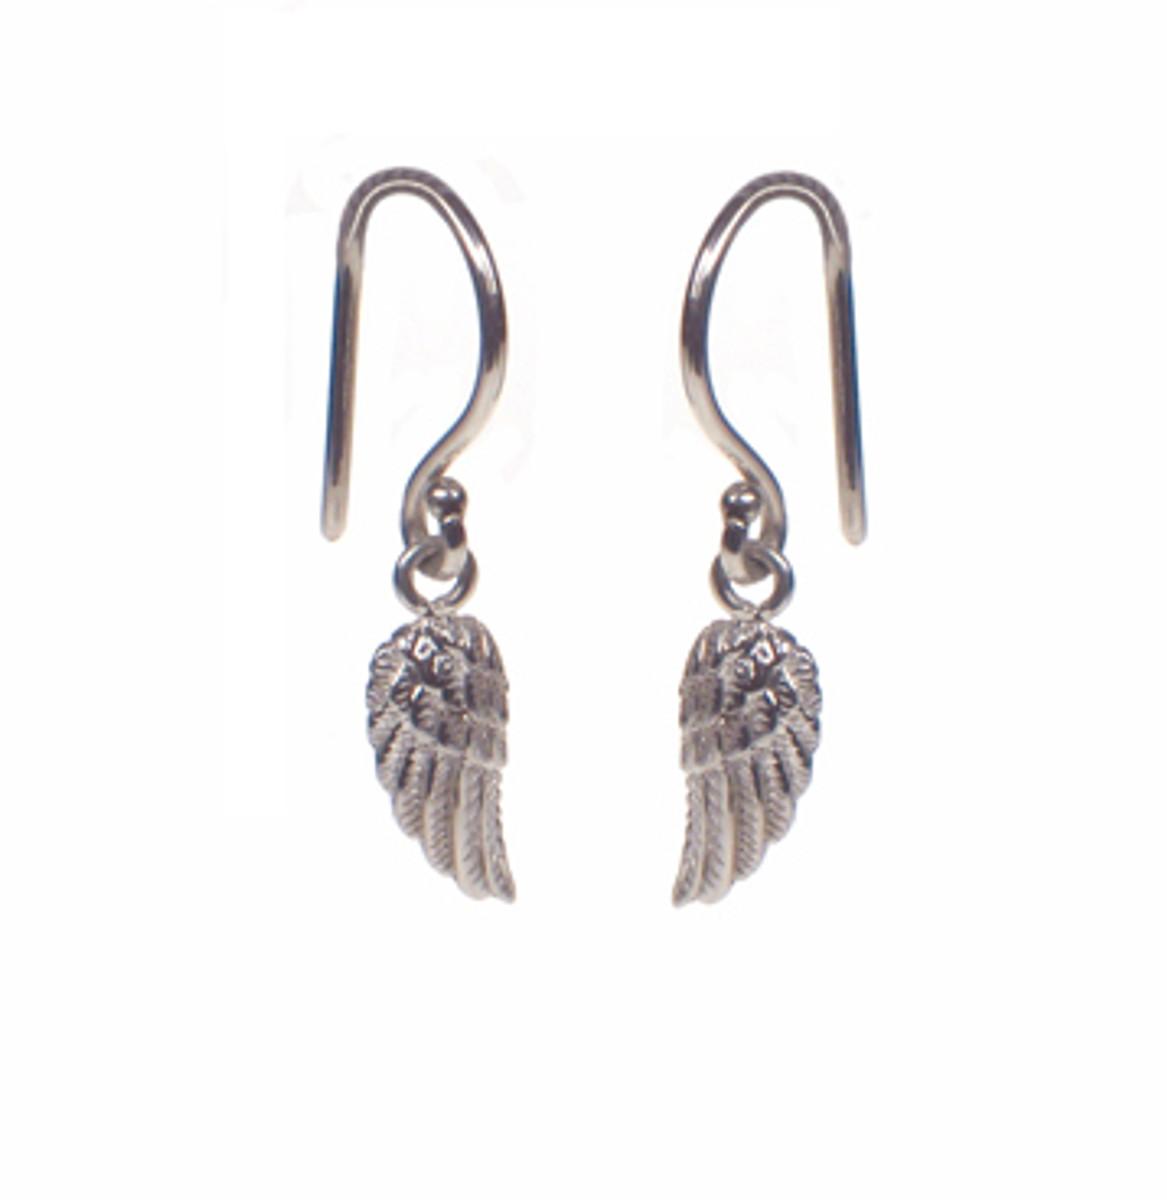 Mini wing hook earrings